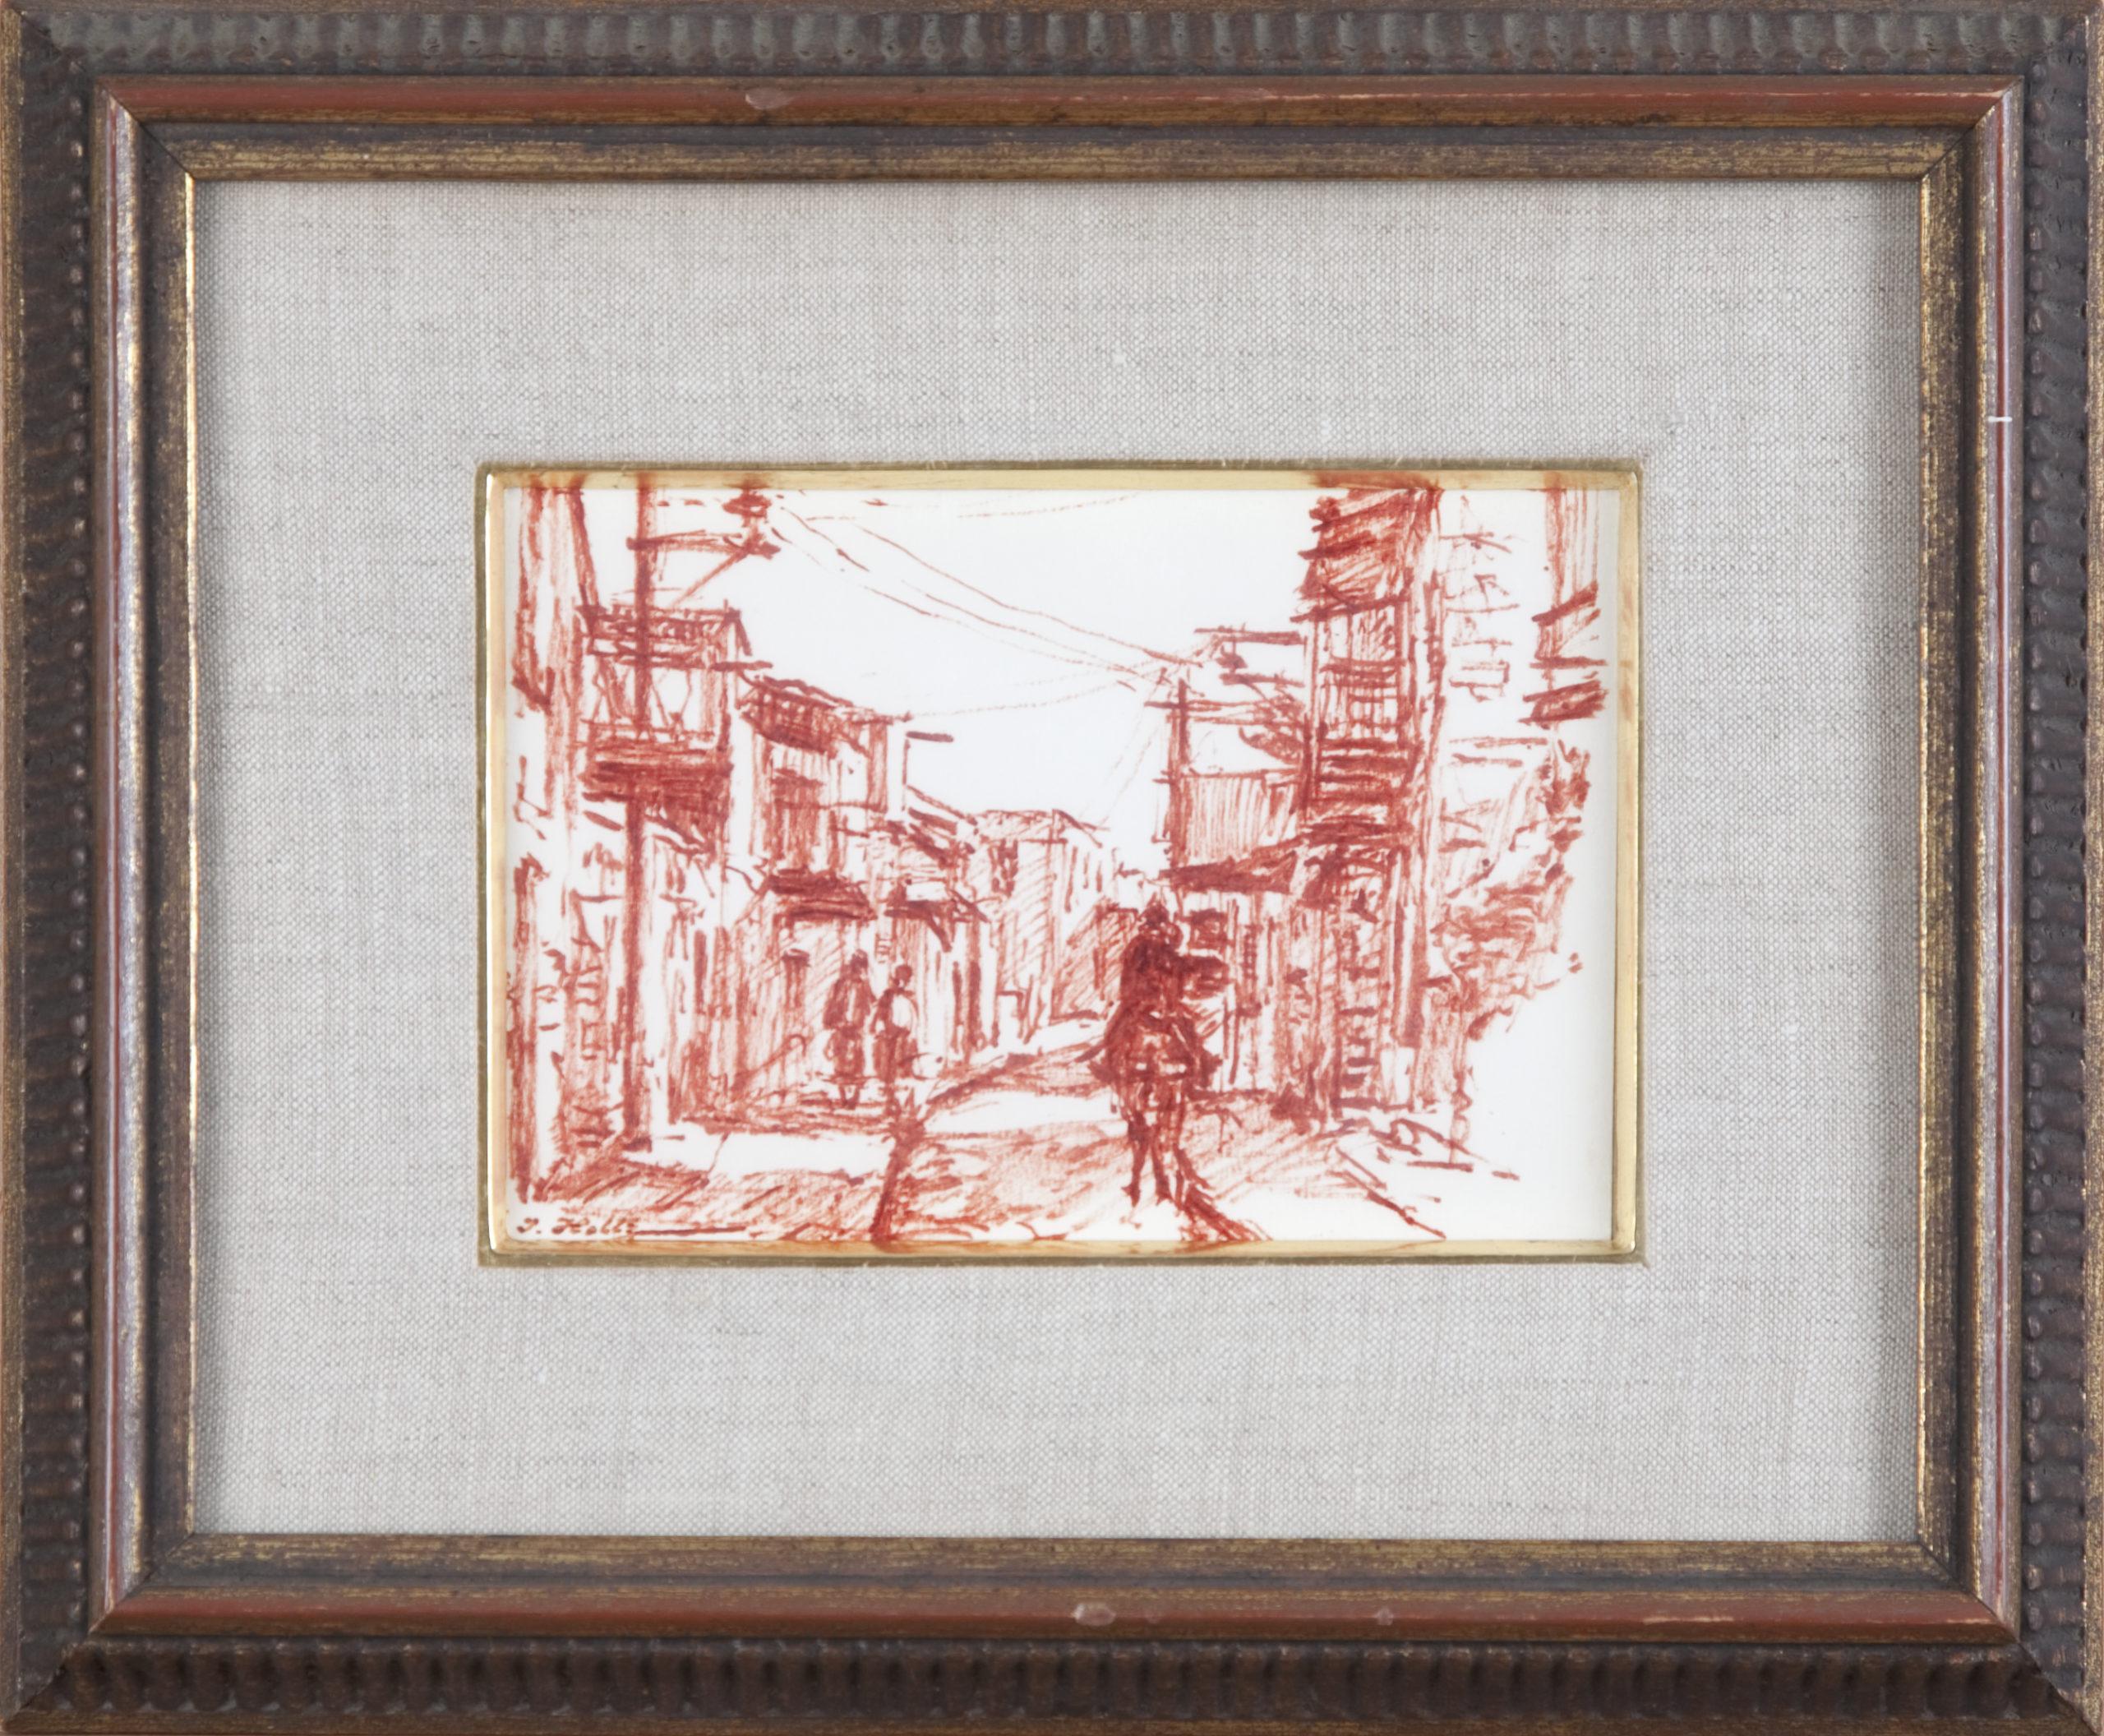 D01 Street in Safed 1966 - Marker - 7 x 5 - Framed